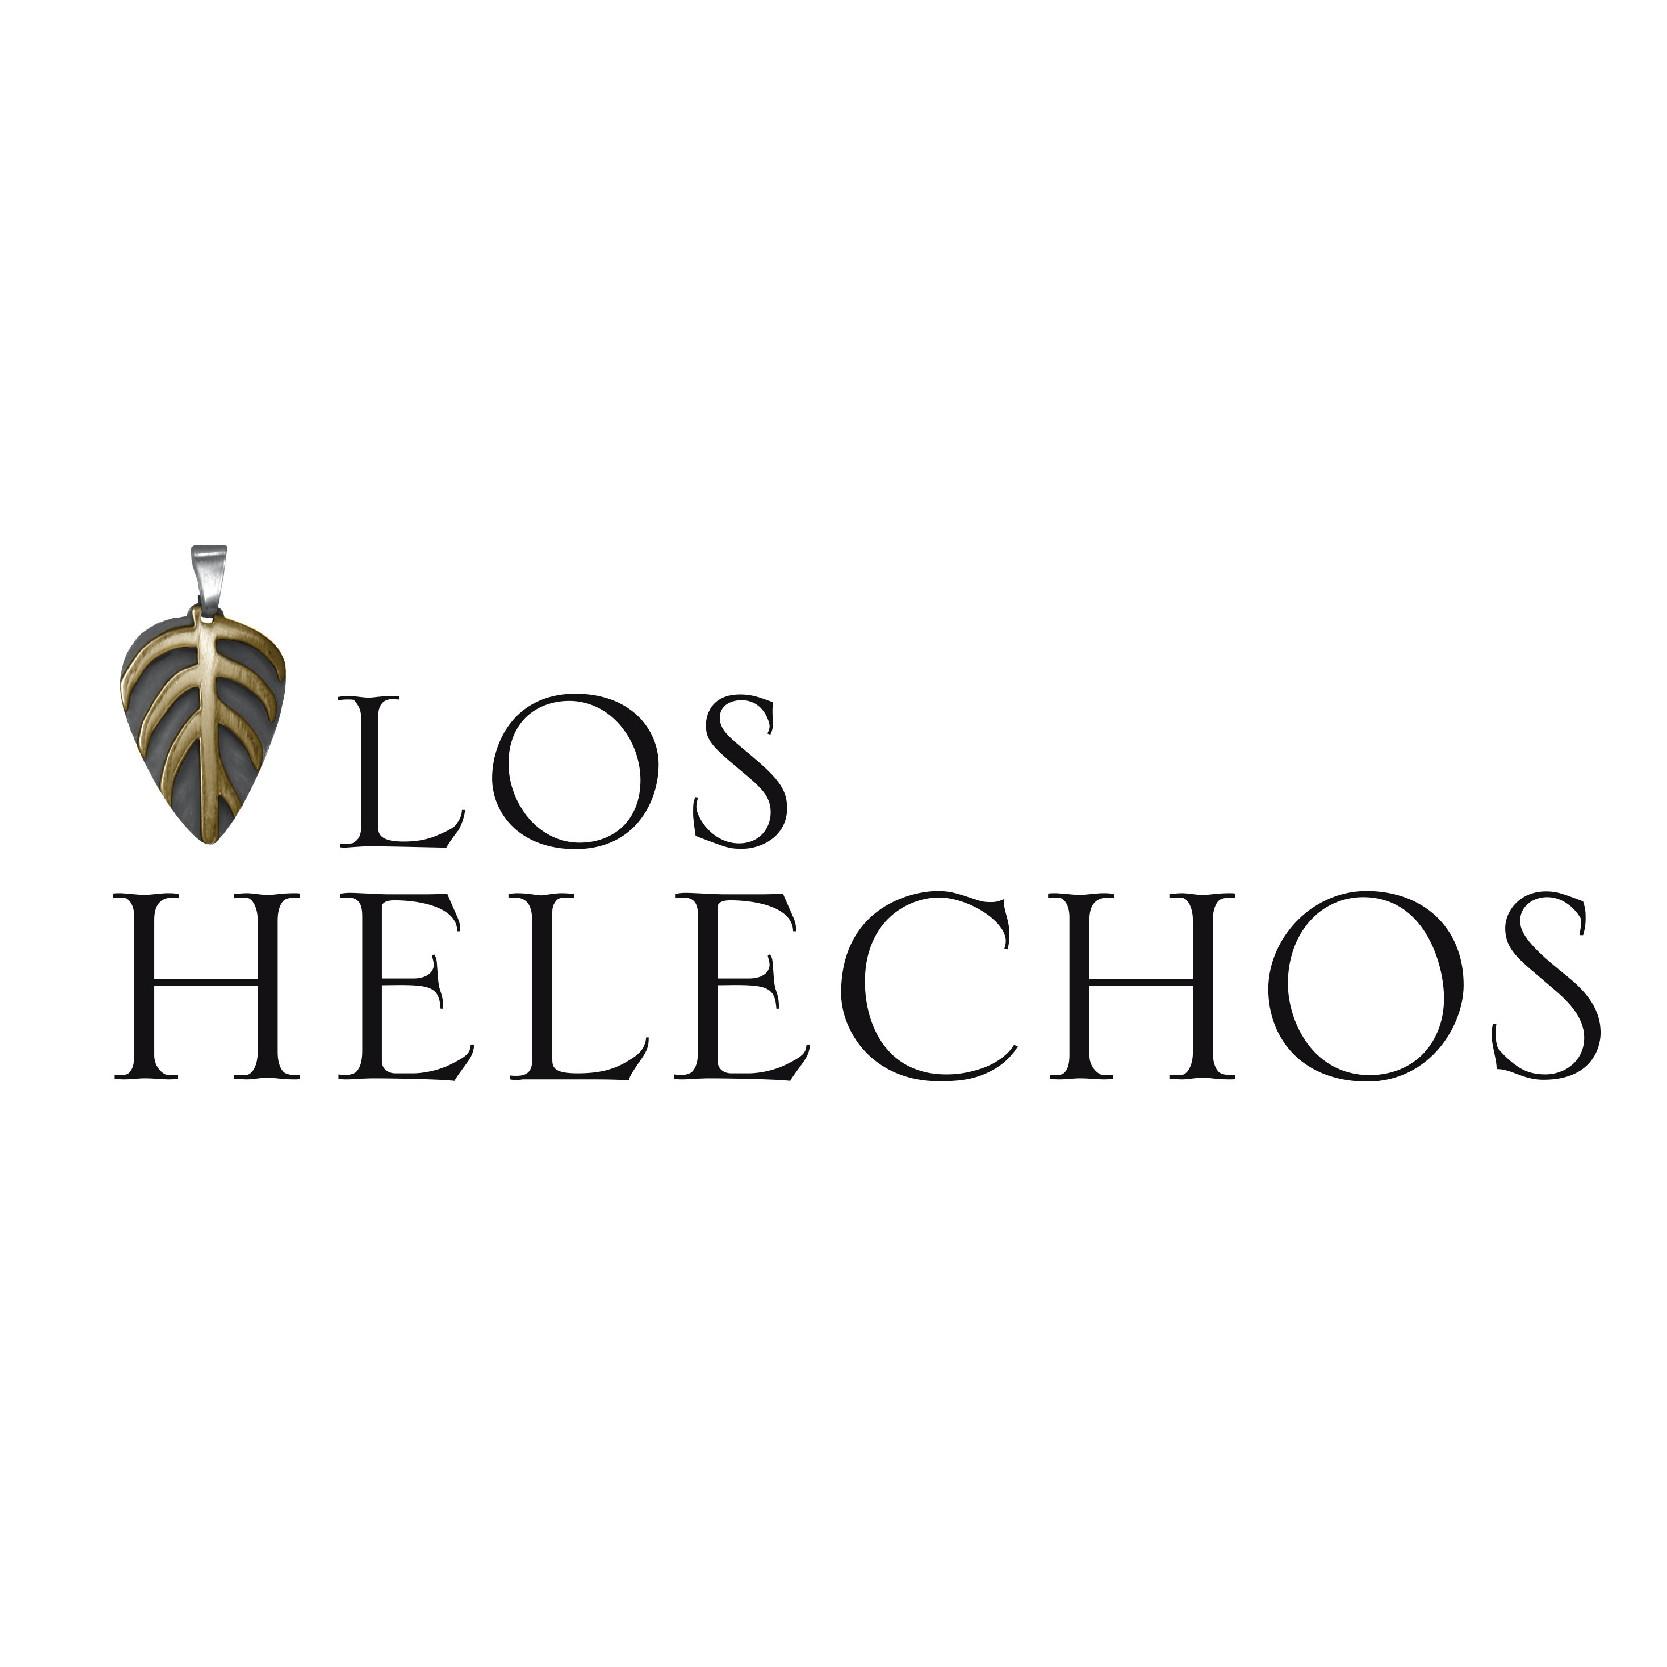 Los Helechos